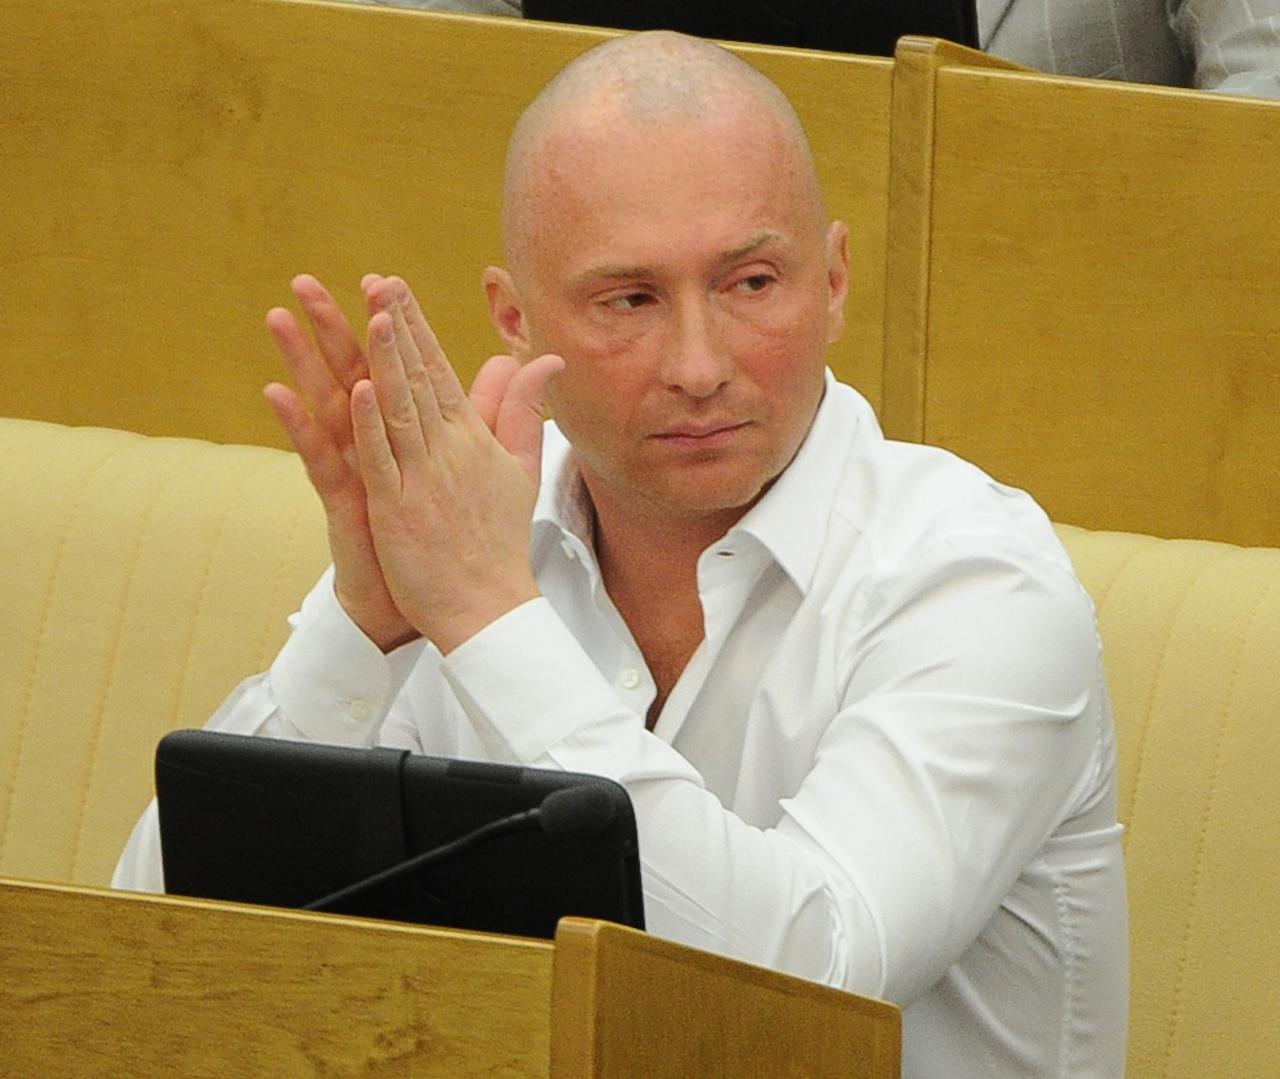 том, игорь лебедев депутат госдумы рф фото минусов ставил